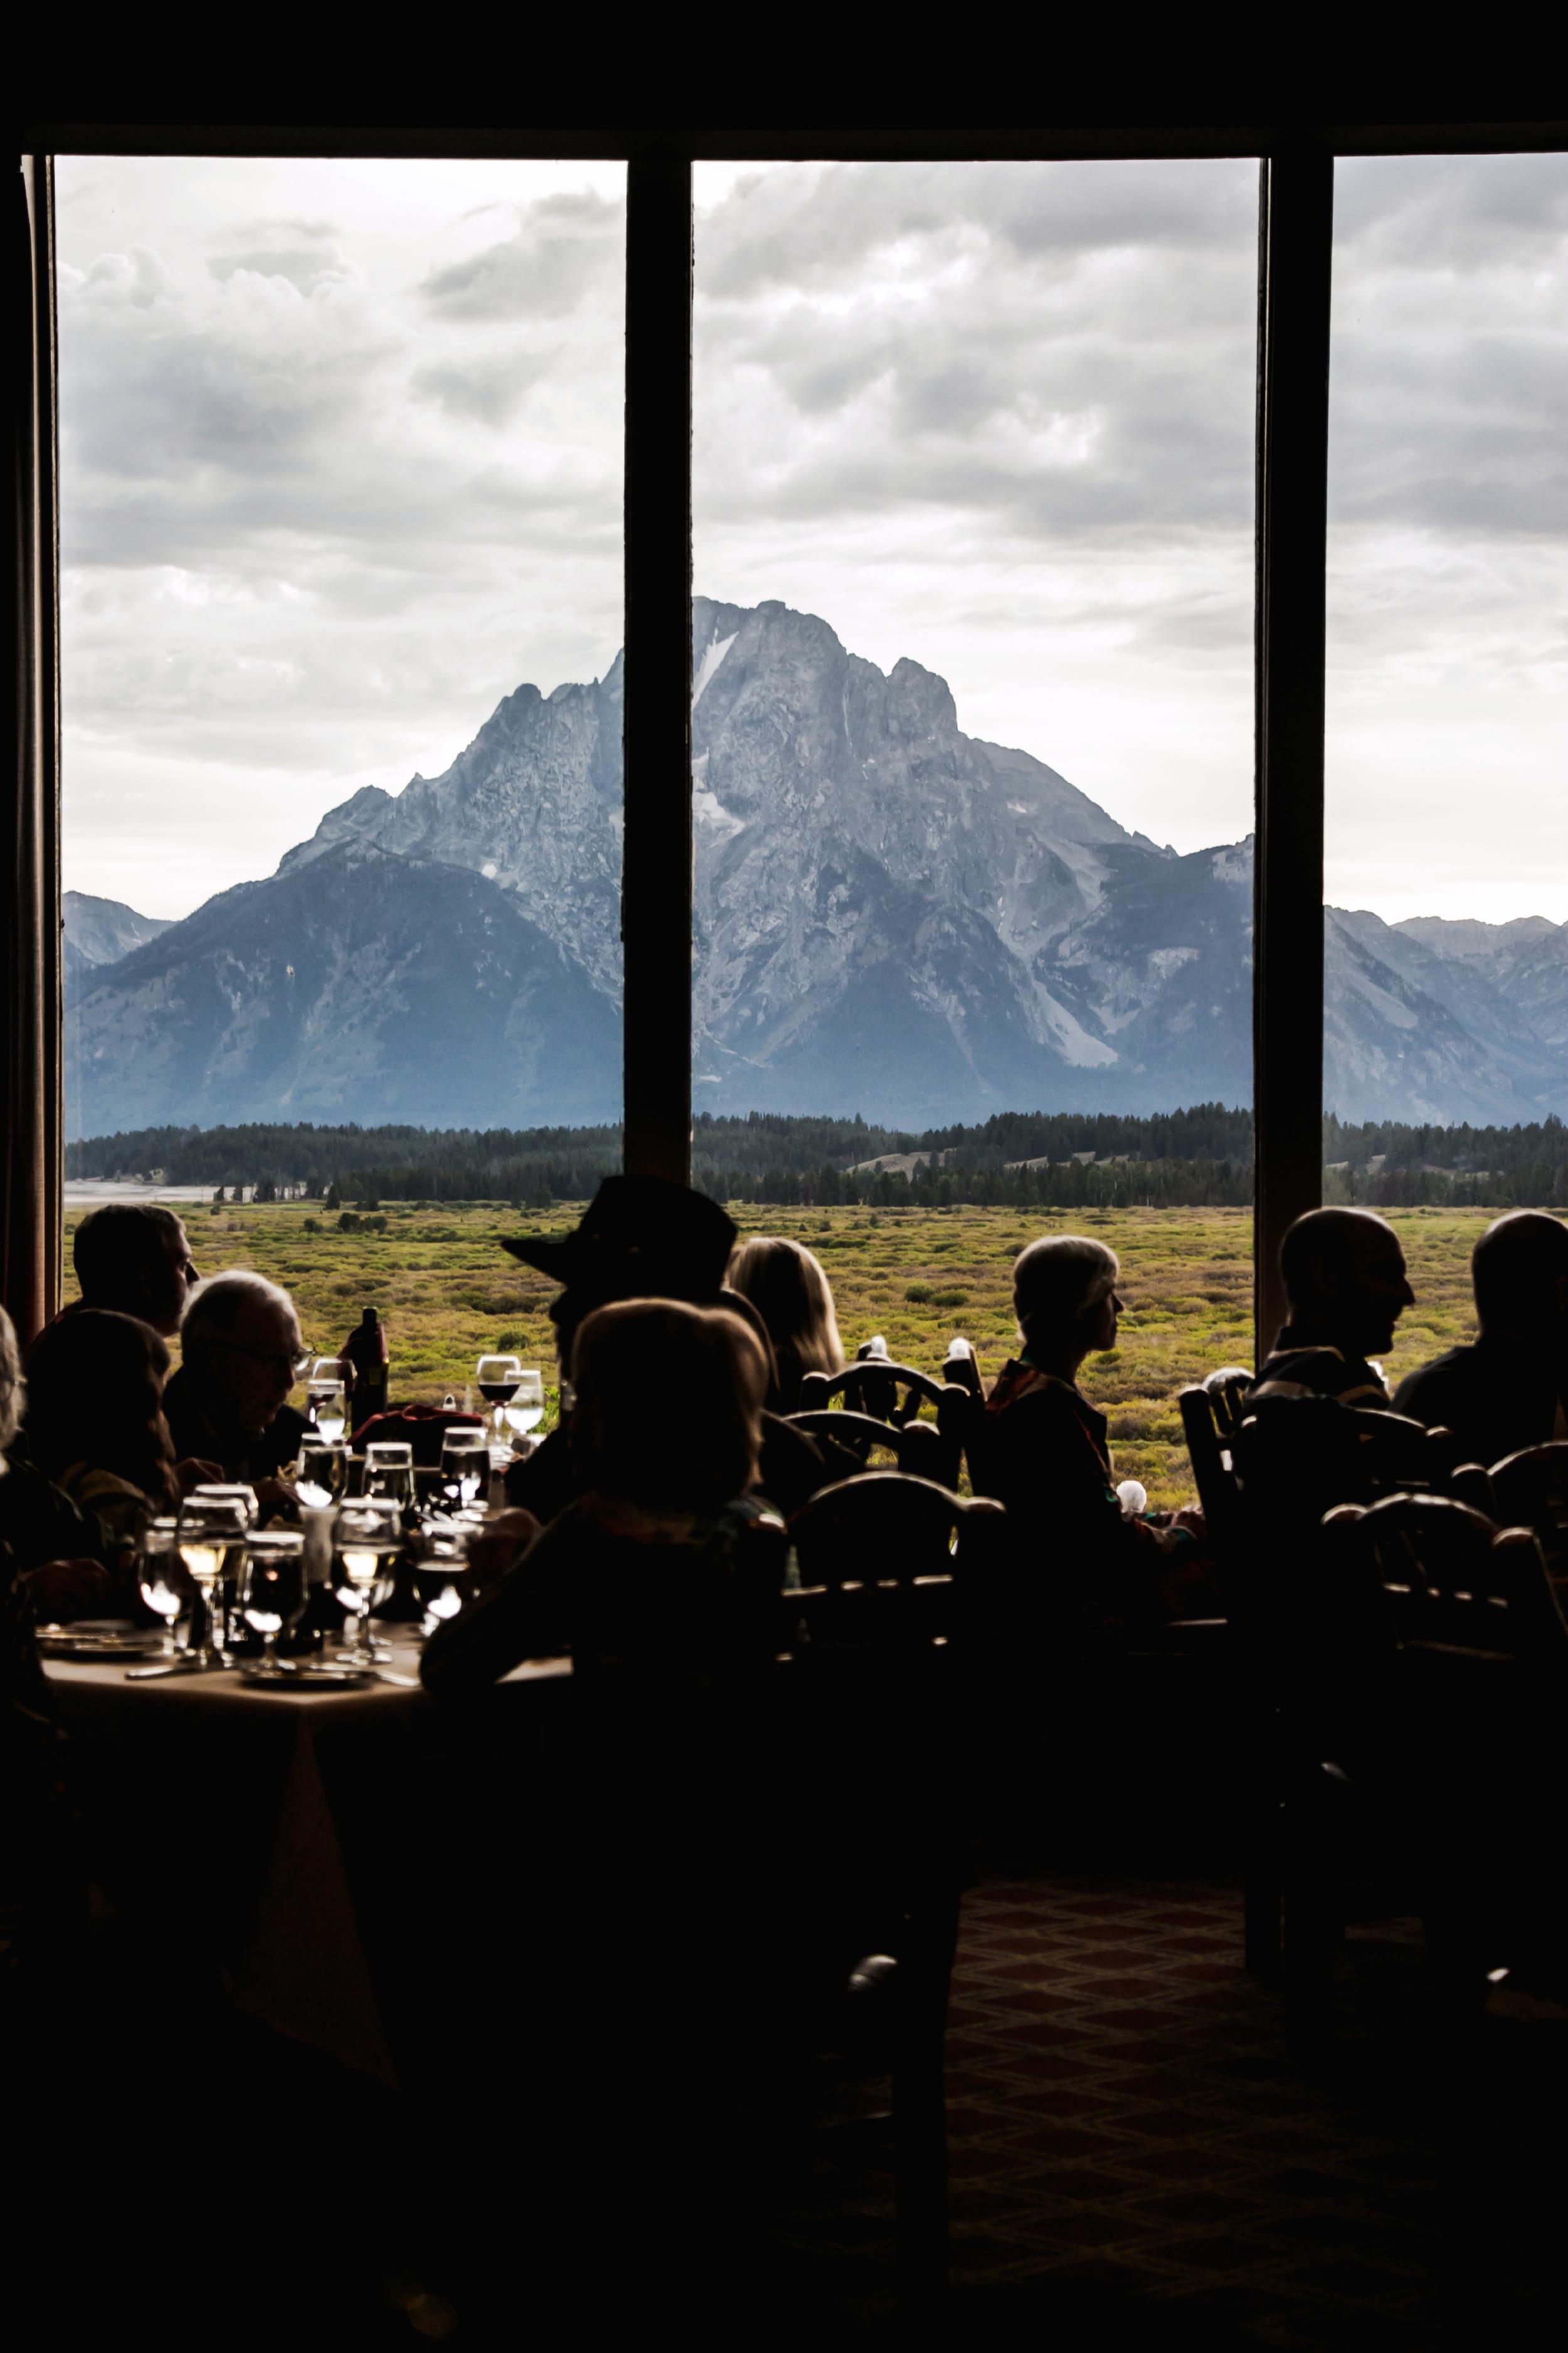 jackson lake lodge restaurant.jpg